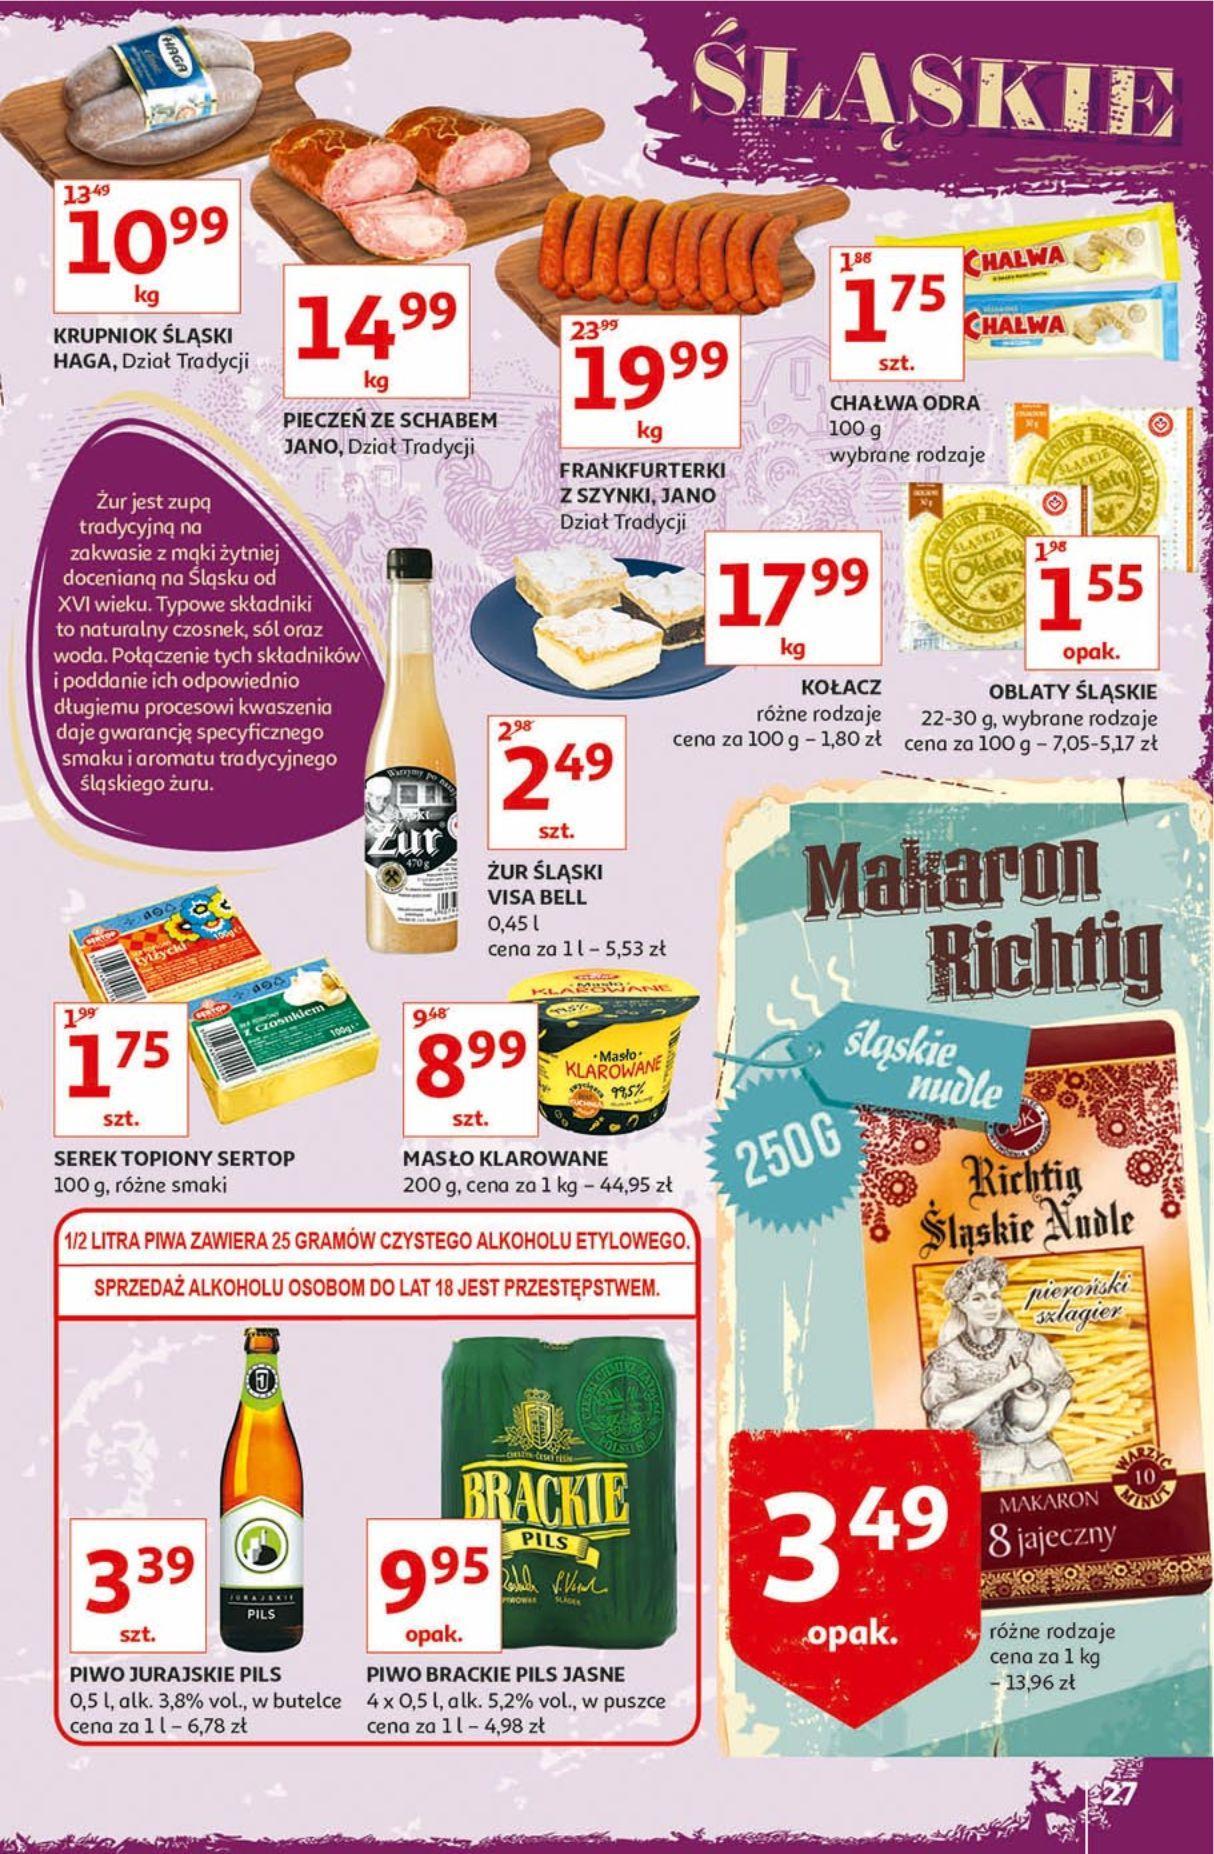 Gazetka promocyjna Auchan do 18/09/2019 str.27